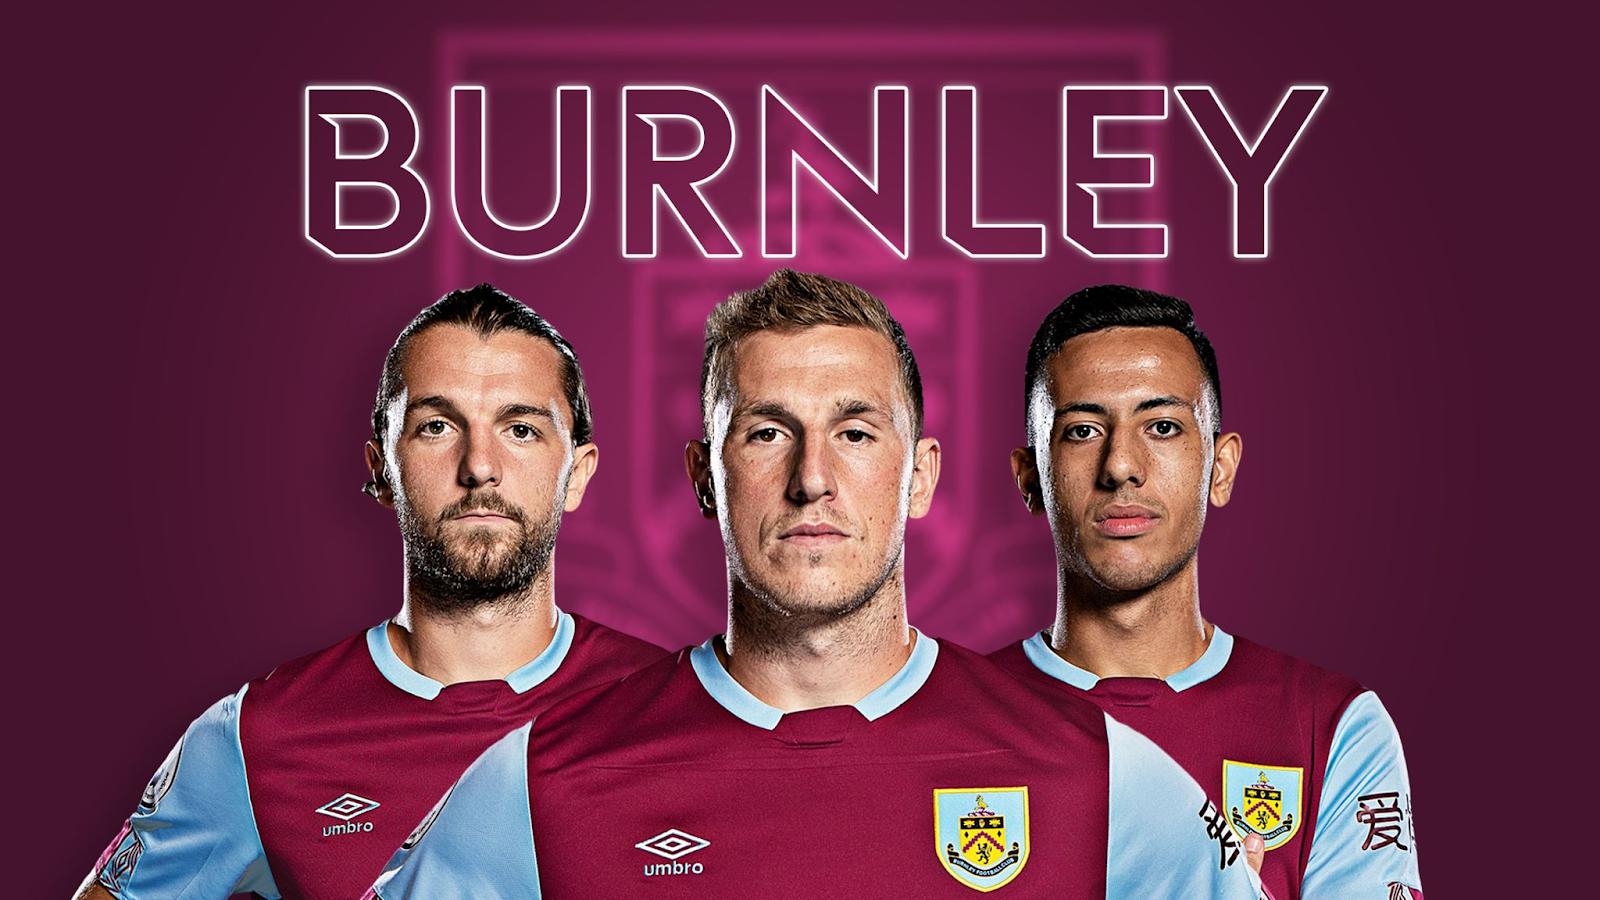 CLB Burnley đang có sự sa sút trầm trọng về phong độ